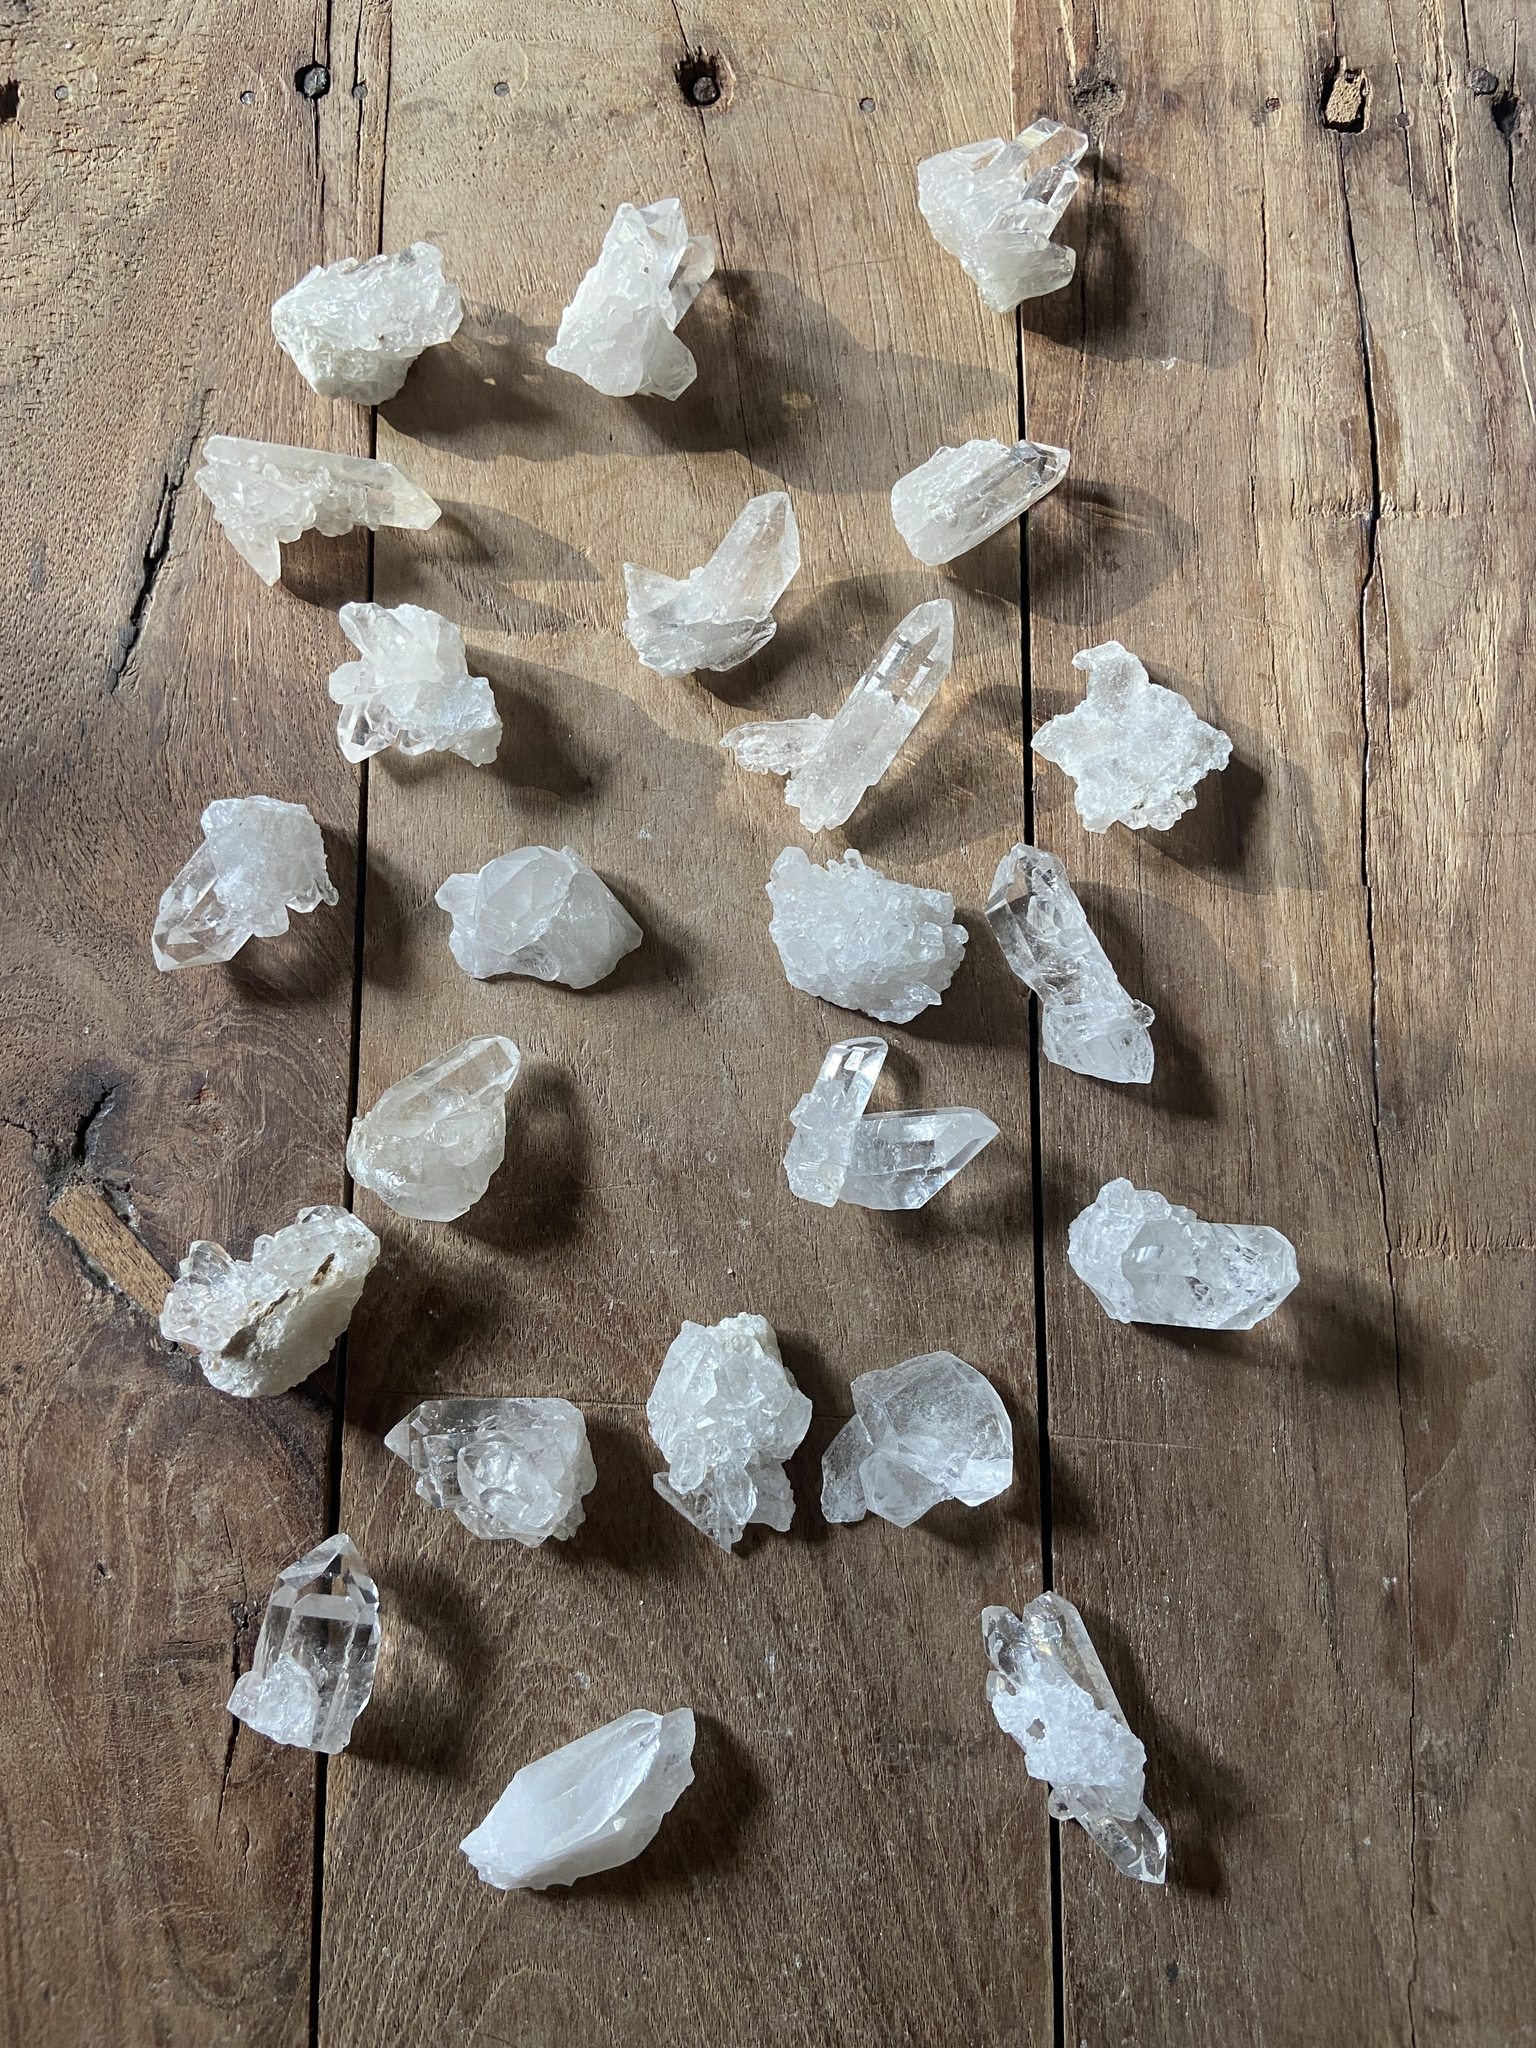 Bergkristallkluster små